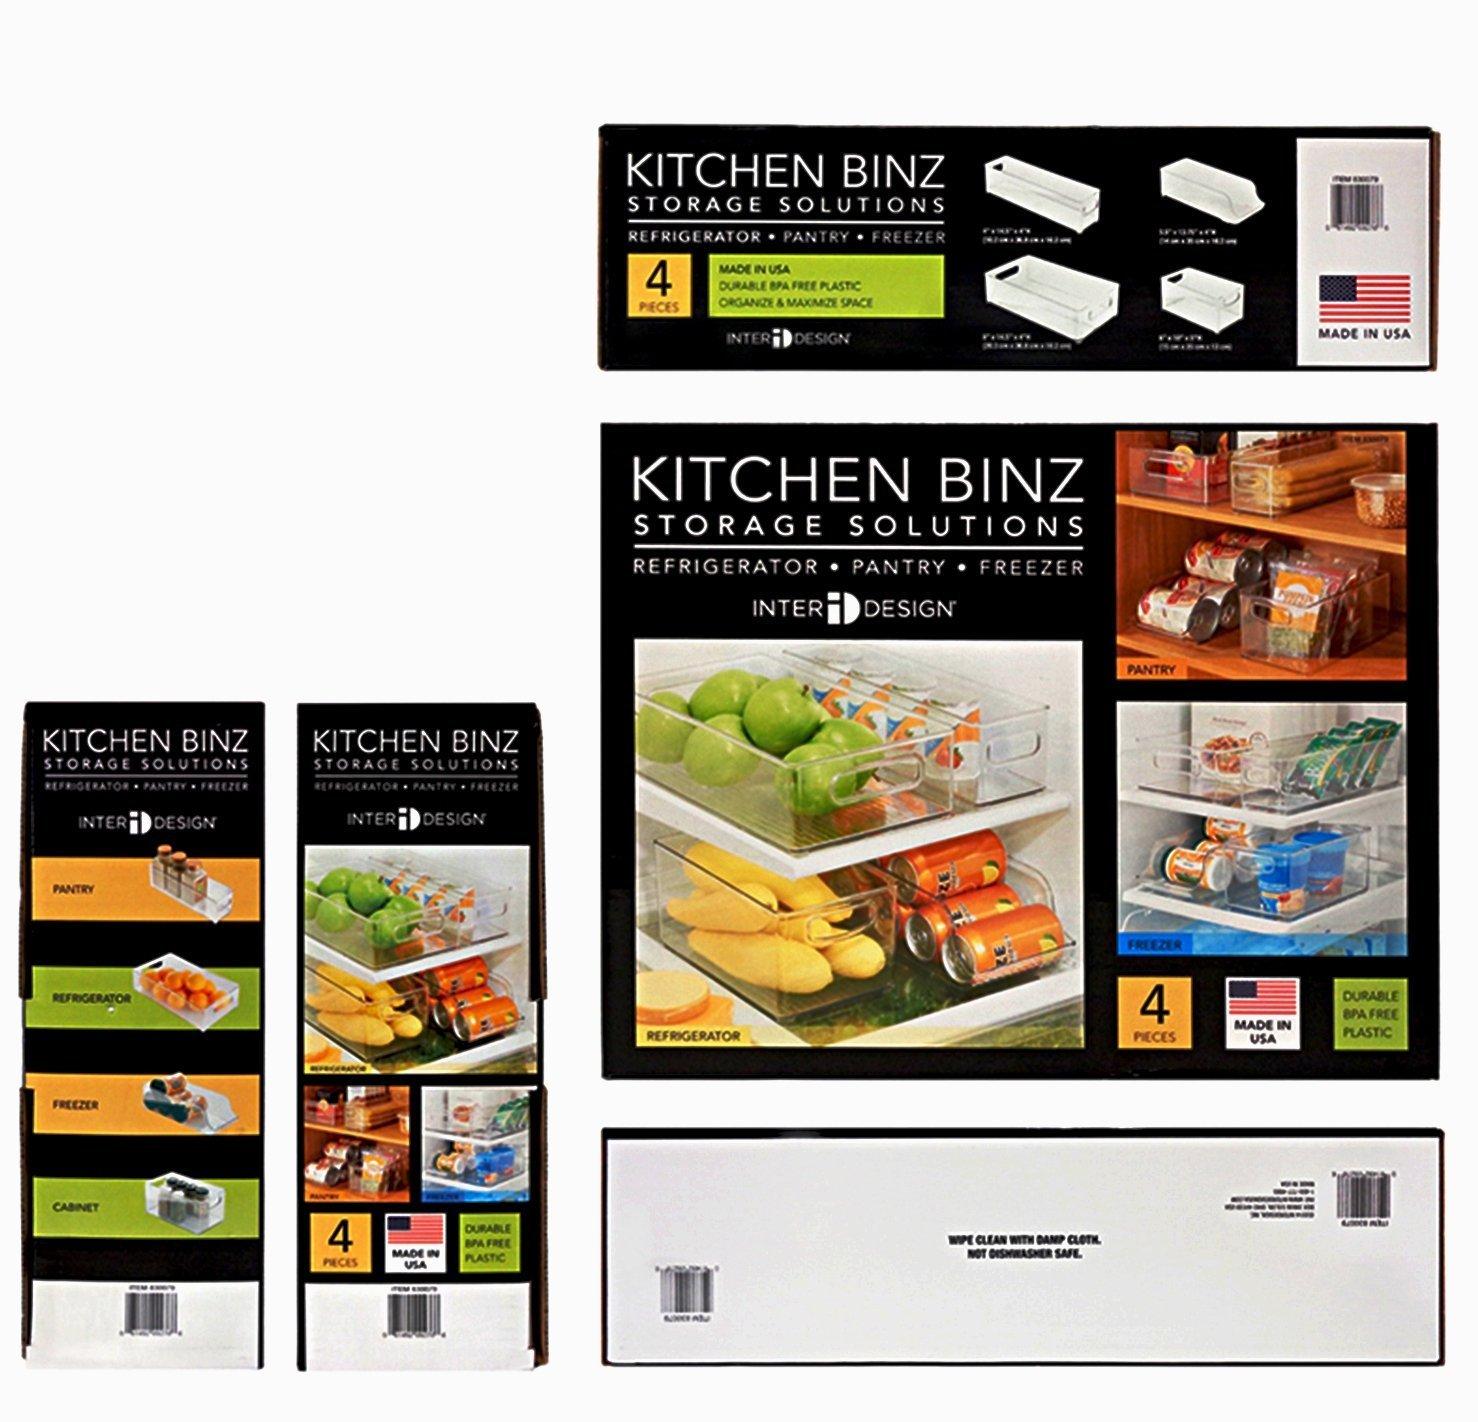 Amazon.com: InterDesign 4 Piece USA Made Stackable Kitchen Transparent  Storage Organizer Bins For Fridge, Freezer, Pantry And Cabinet  Organization: Kitchen ...